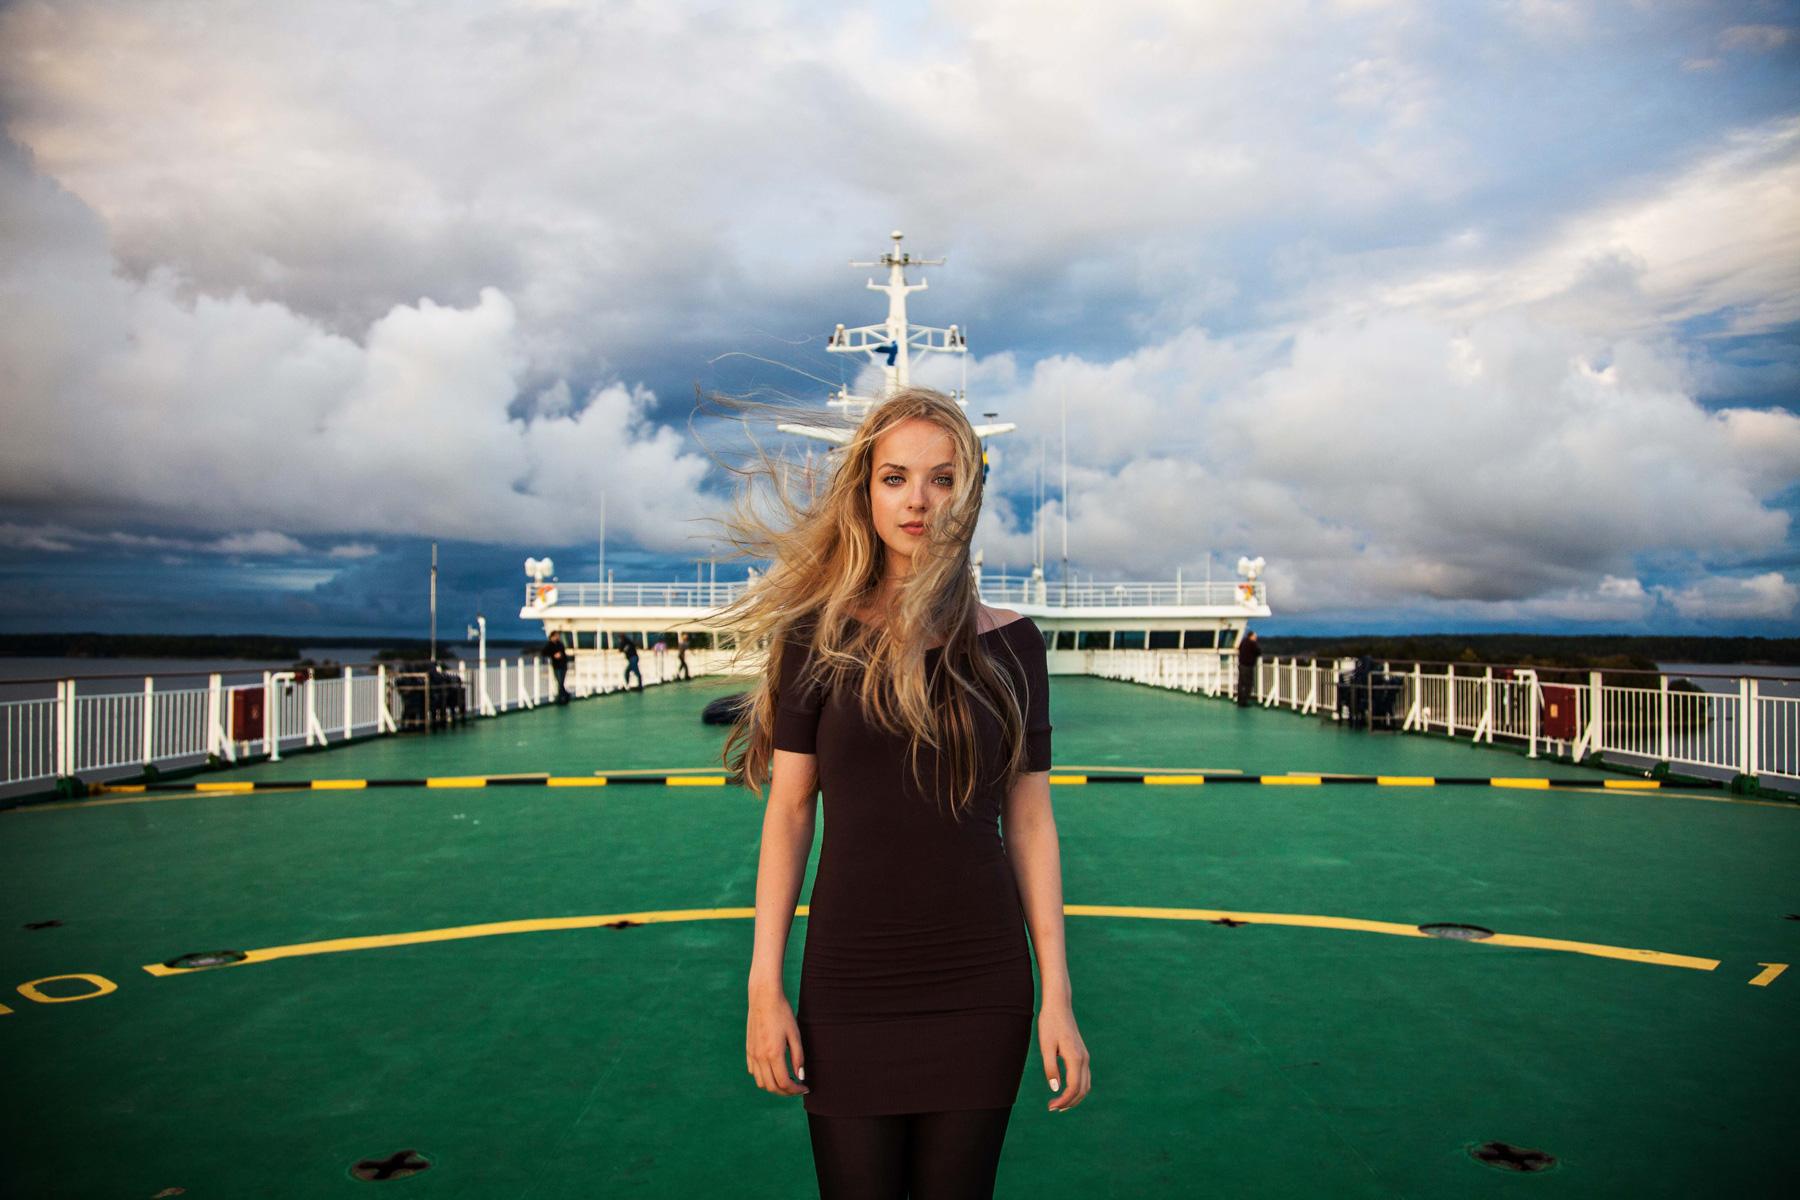 Mihaela-Noroc-Atlas-of-Beauty-